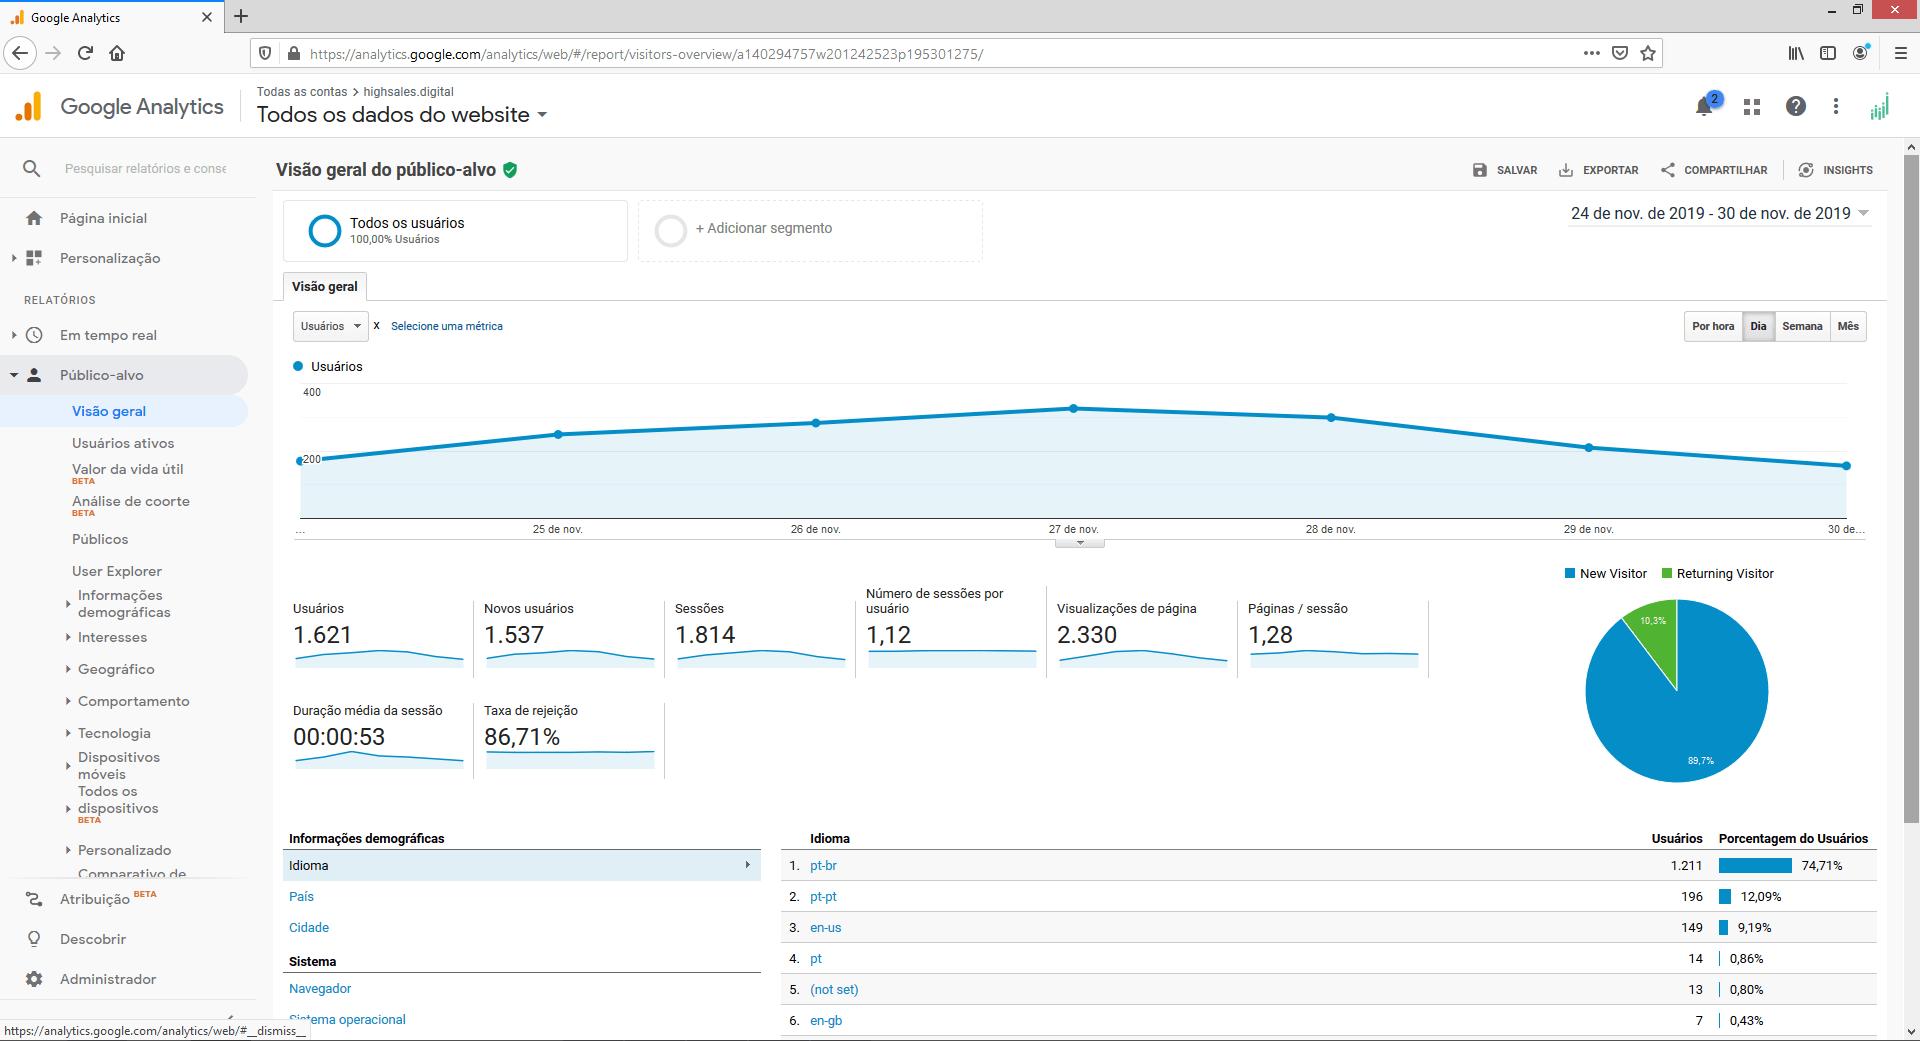 monitore seu site com o Google Analytics